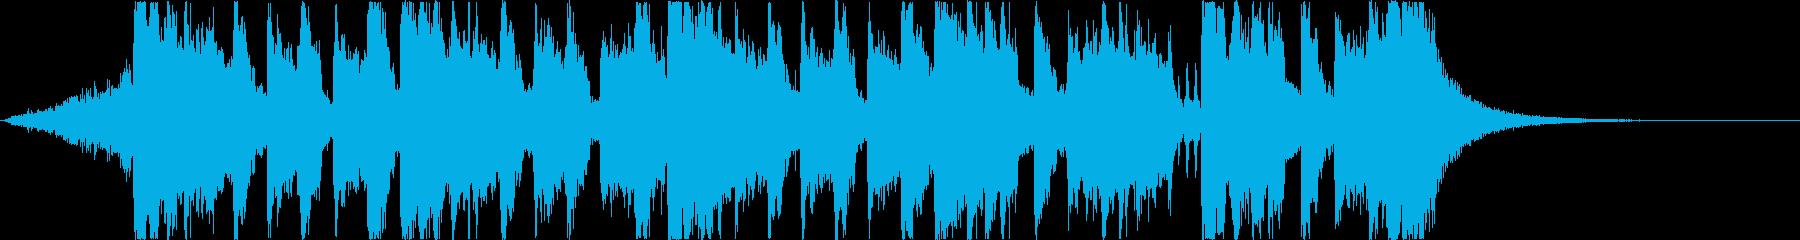 コミカルで楽しいハロウィンホラーソングcの再生済みの波形